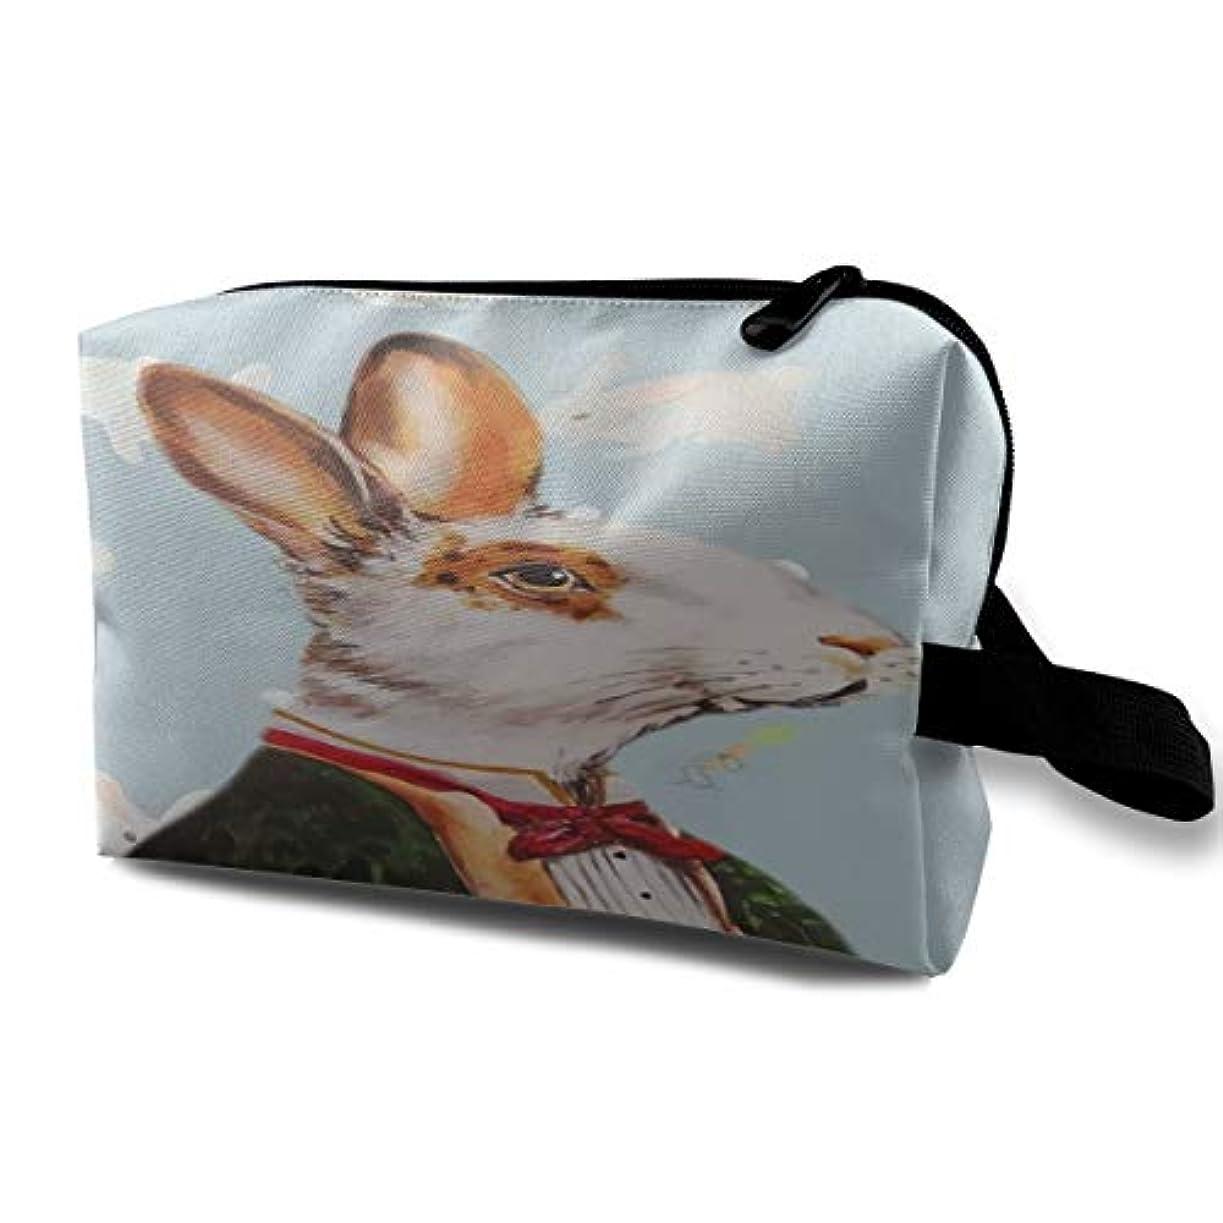 バスト家庭刺激するEaster Gentle Bunny 収納ポーチ 化粧ポーチ 大容量 軽量 耐久性 ハンドル付持ち運び便利。入れ 自宅?出張?旅行?アウトドア撮影などに対応。メンズ レディース トラベルグッズ